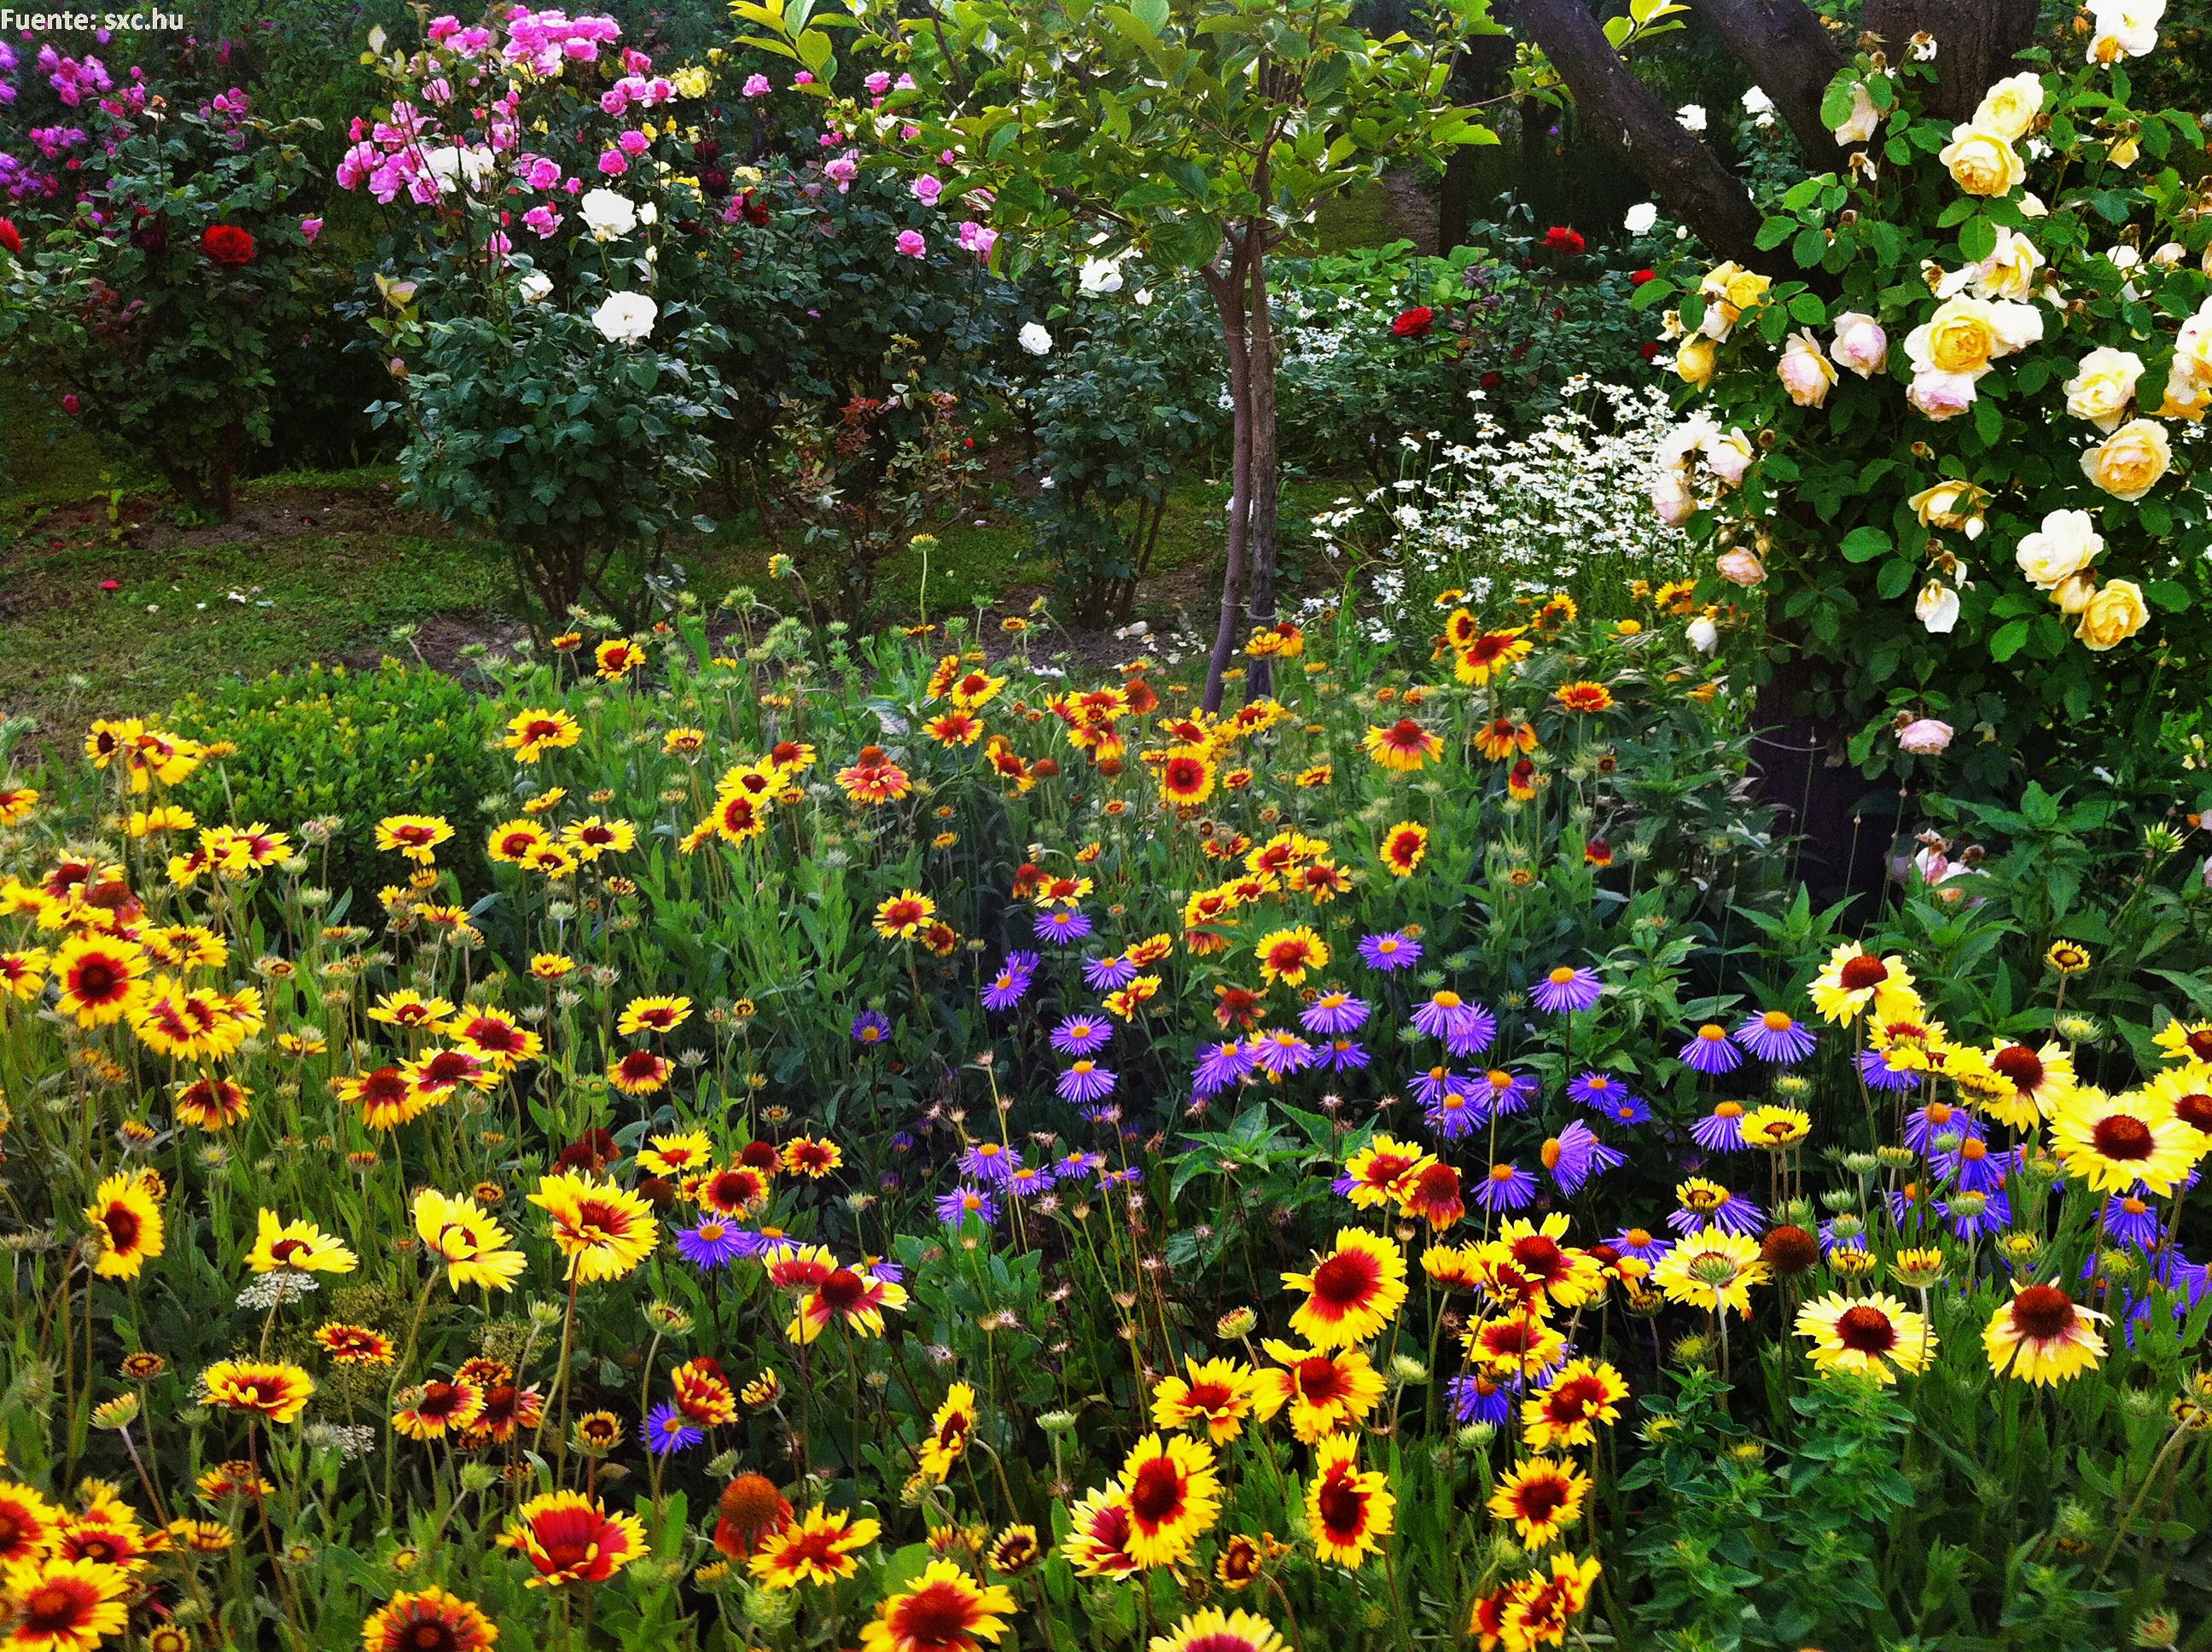 flores jardim primavera:Paisaje de primavera – Currículum en línea. MINEDUC. Gobierno de